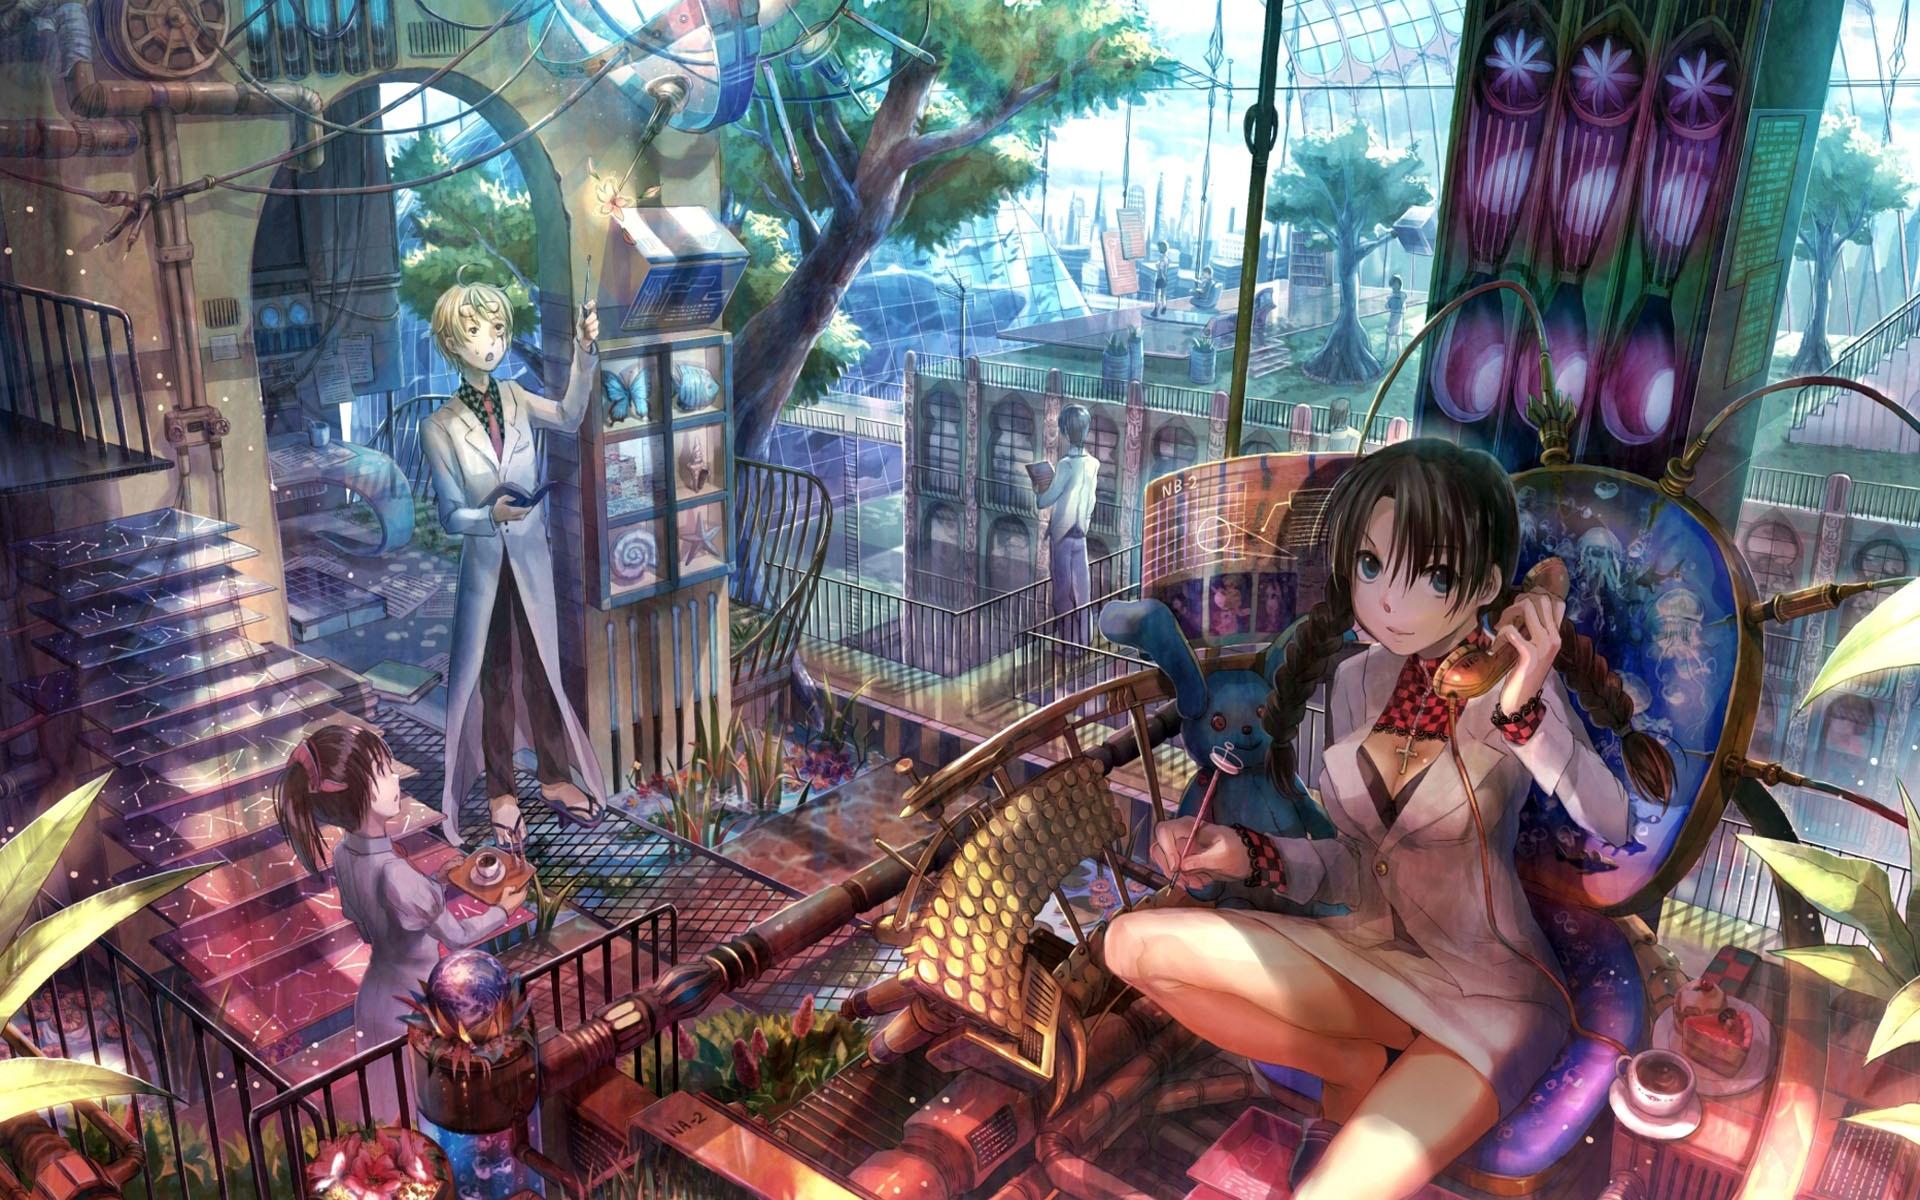 Anime Mädchen in einer Bar 1920x1200 HD Hintergrundbilder, HD, Bild